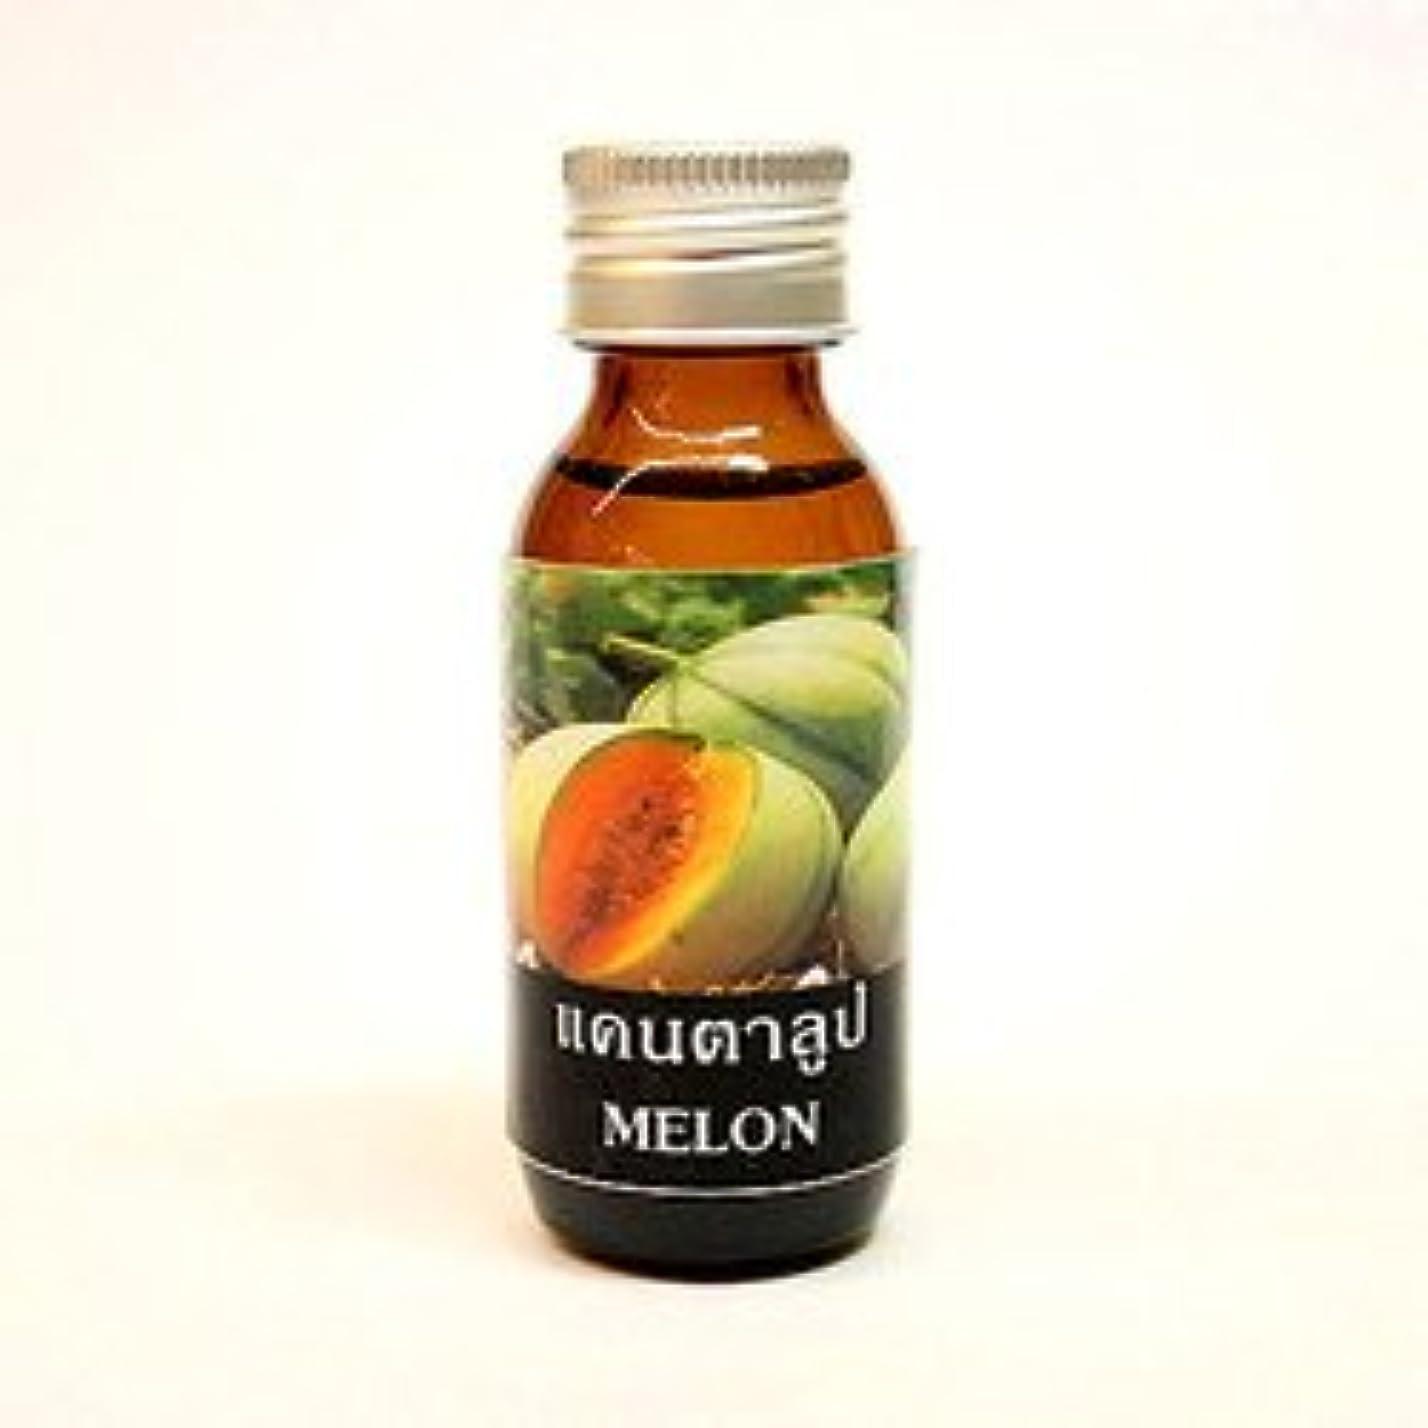 病んでいる散逸グリルメロン 〔MELON〕 アロマテラピーオイル 30ml アジアン雑貨